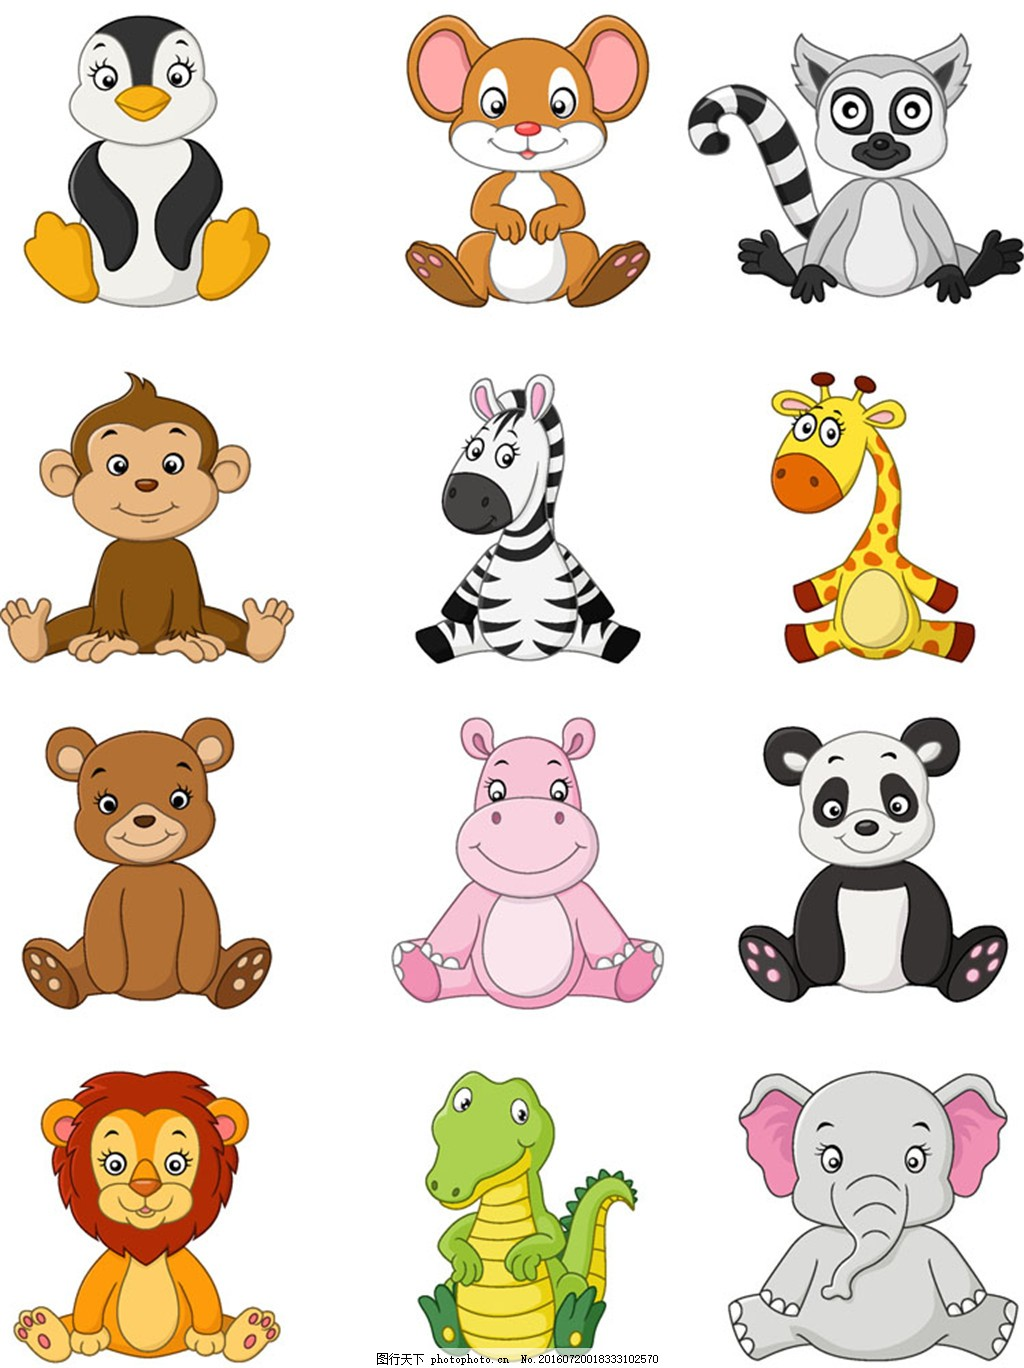 坐着的一群动物图片1 大象 长颈鹿 狮子 猴子 卡通动物图片